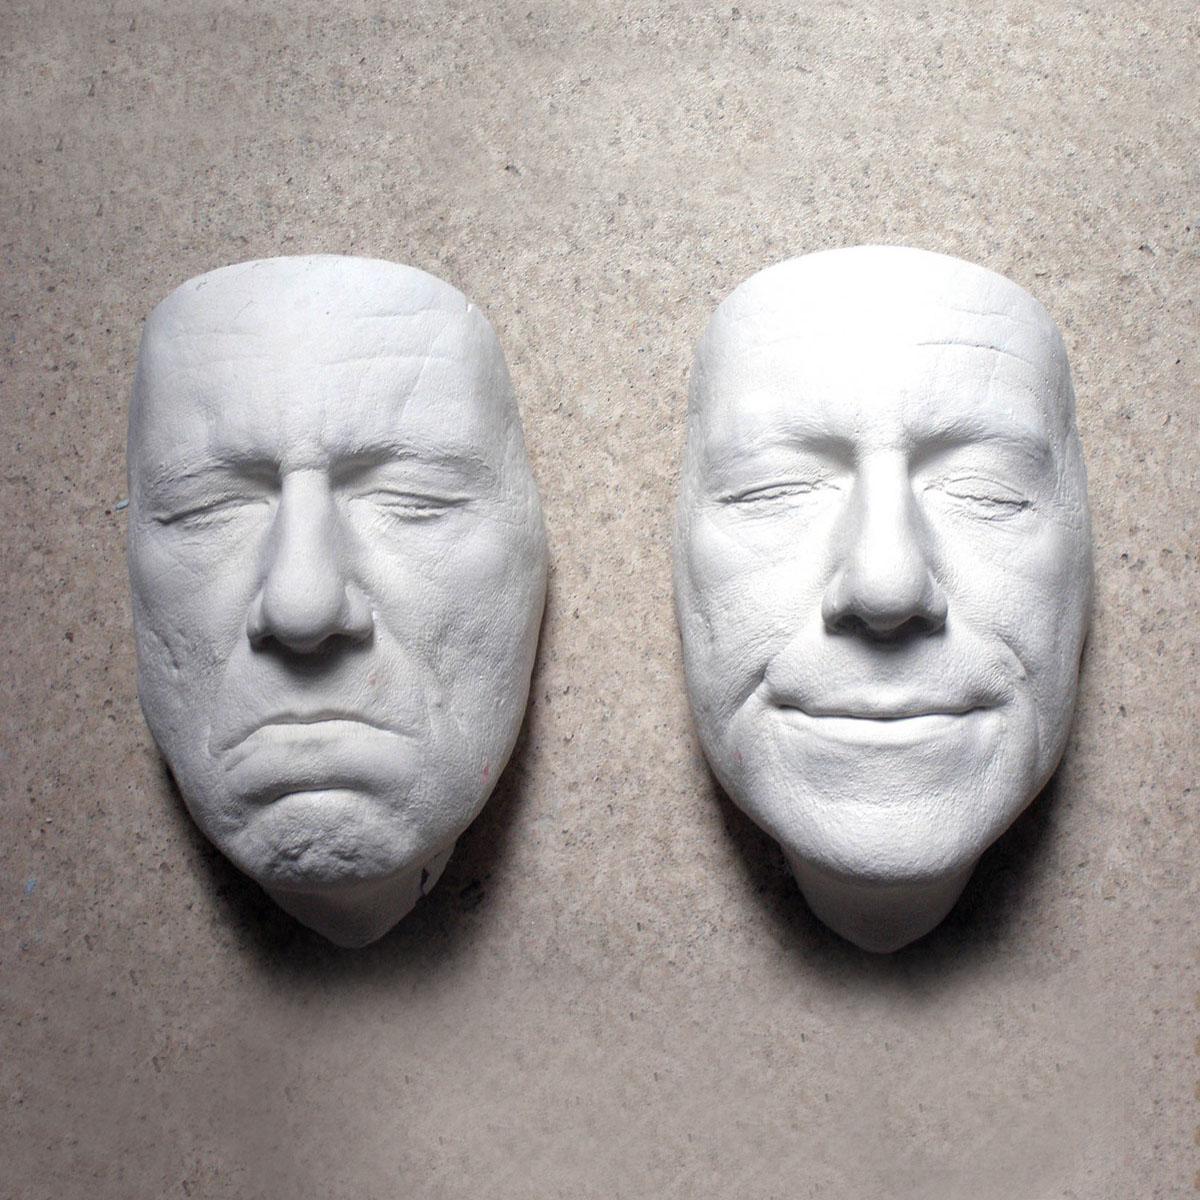 входит состав фото голова в стене скульптура делать таком случае